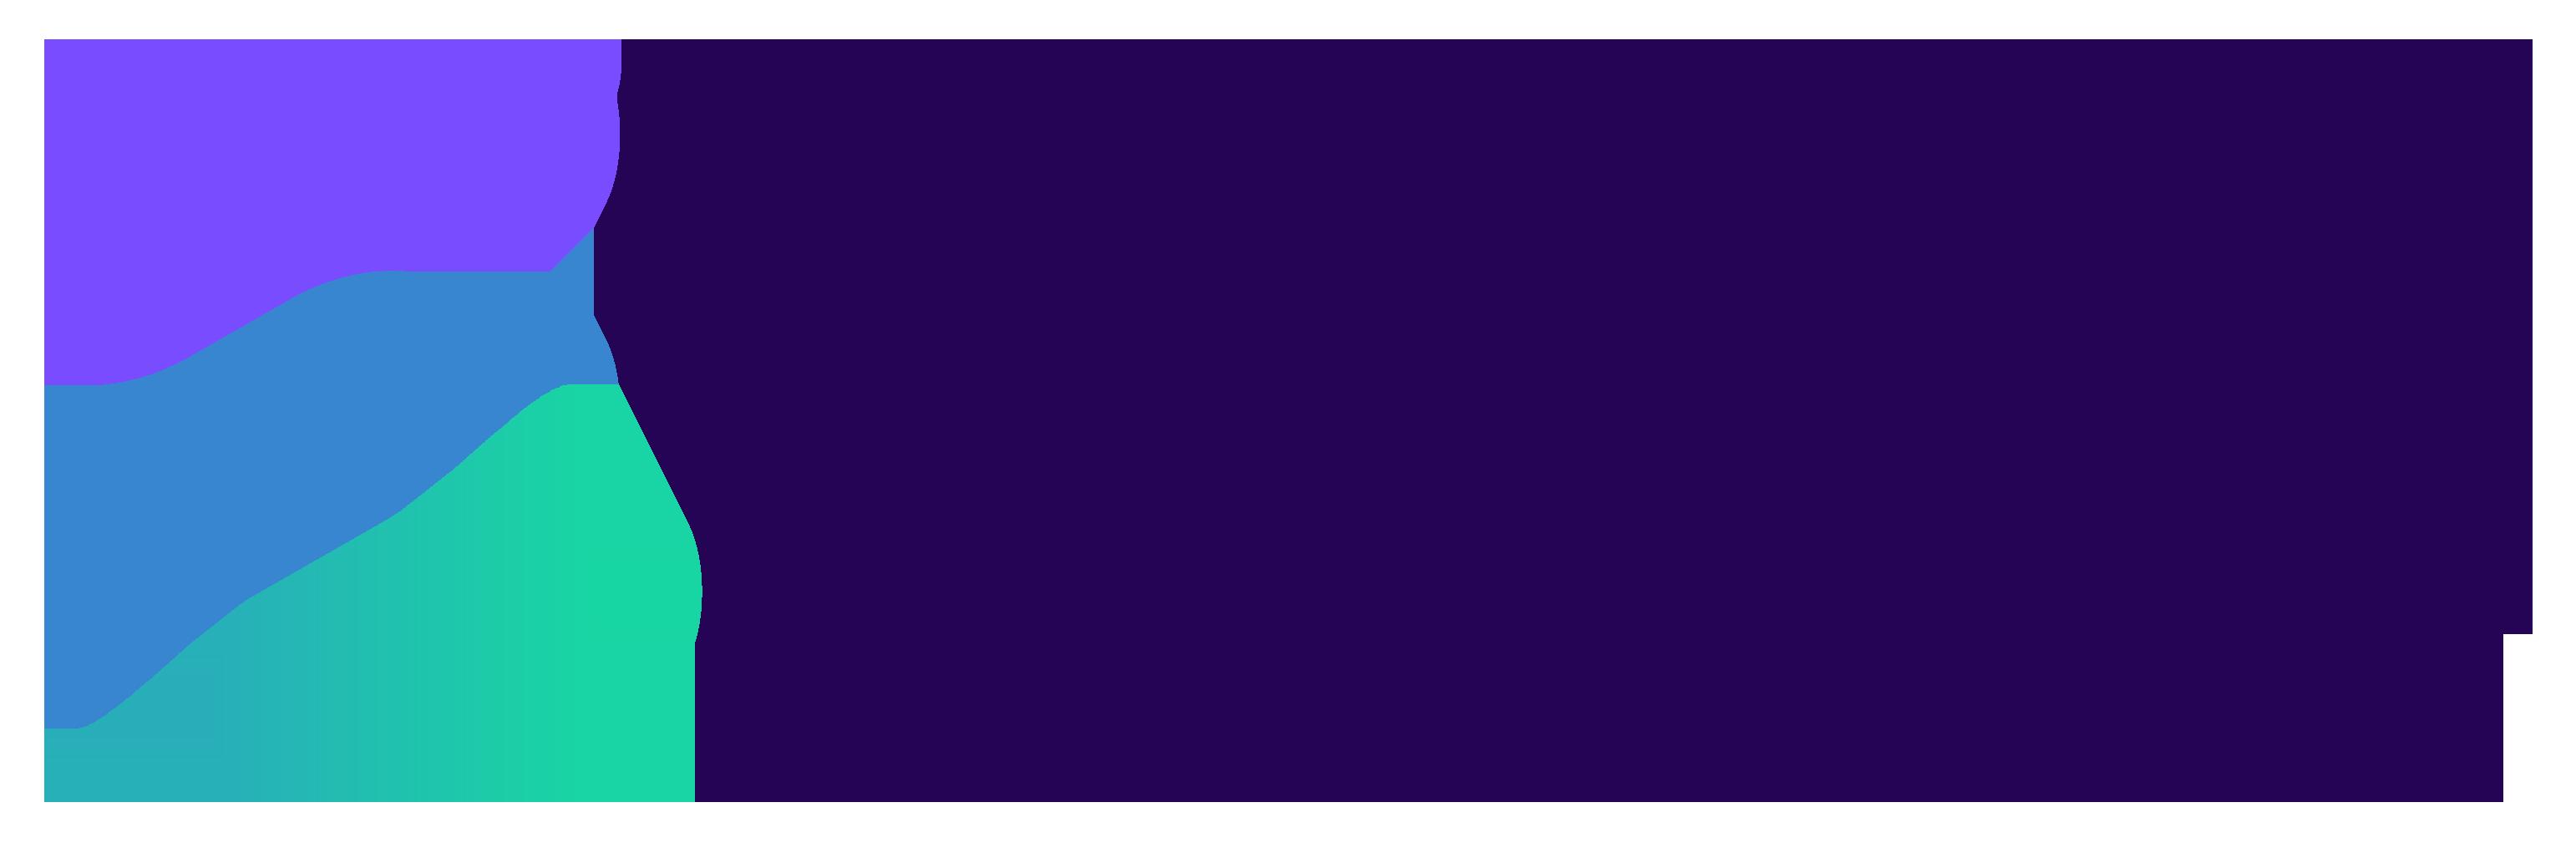 lytics-logo-full-dark-rgb